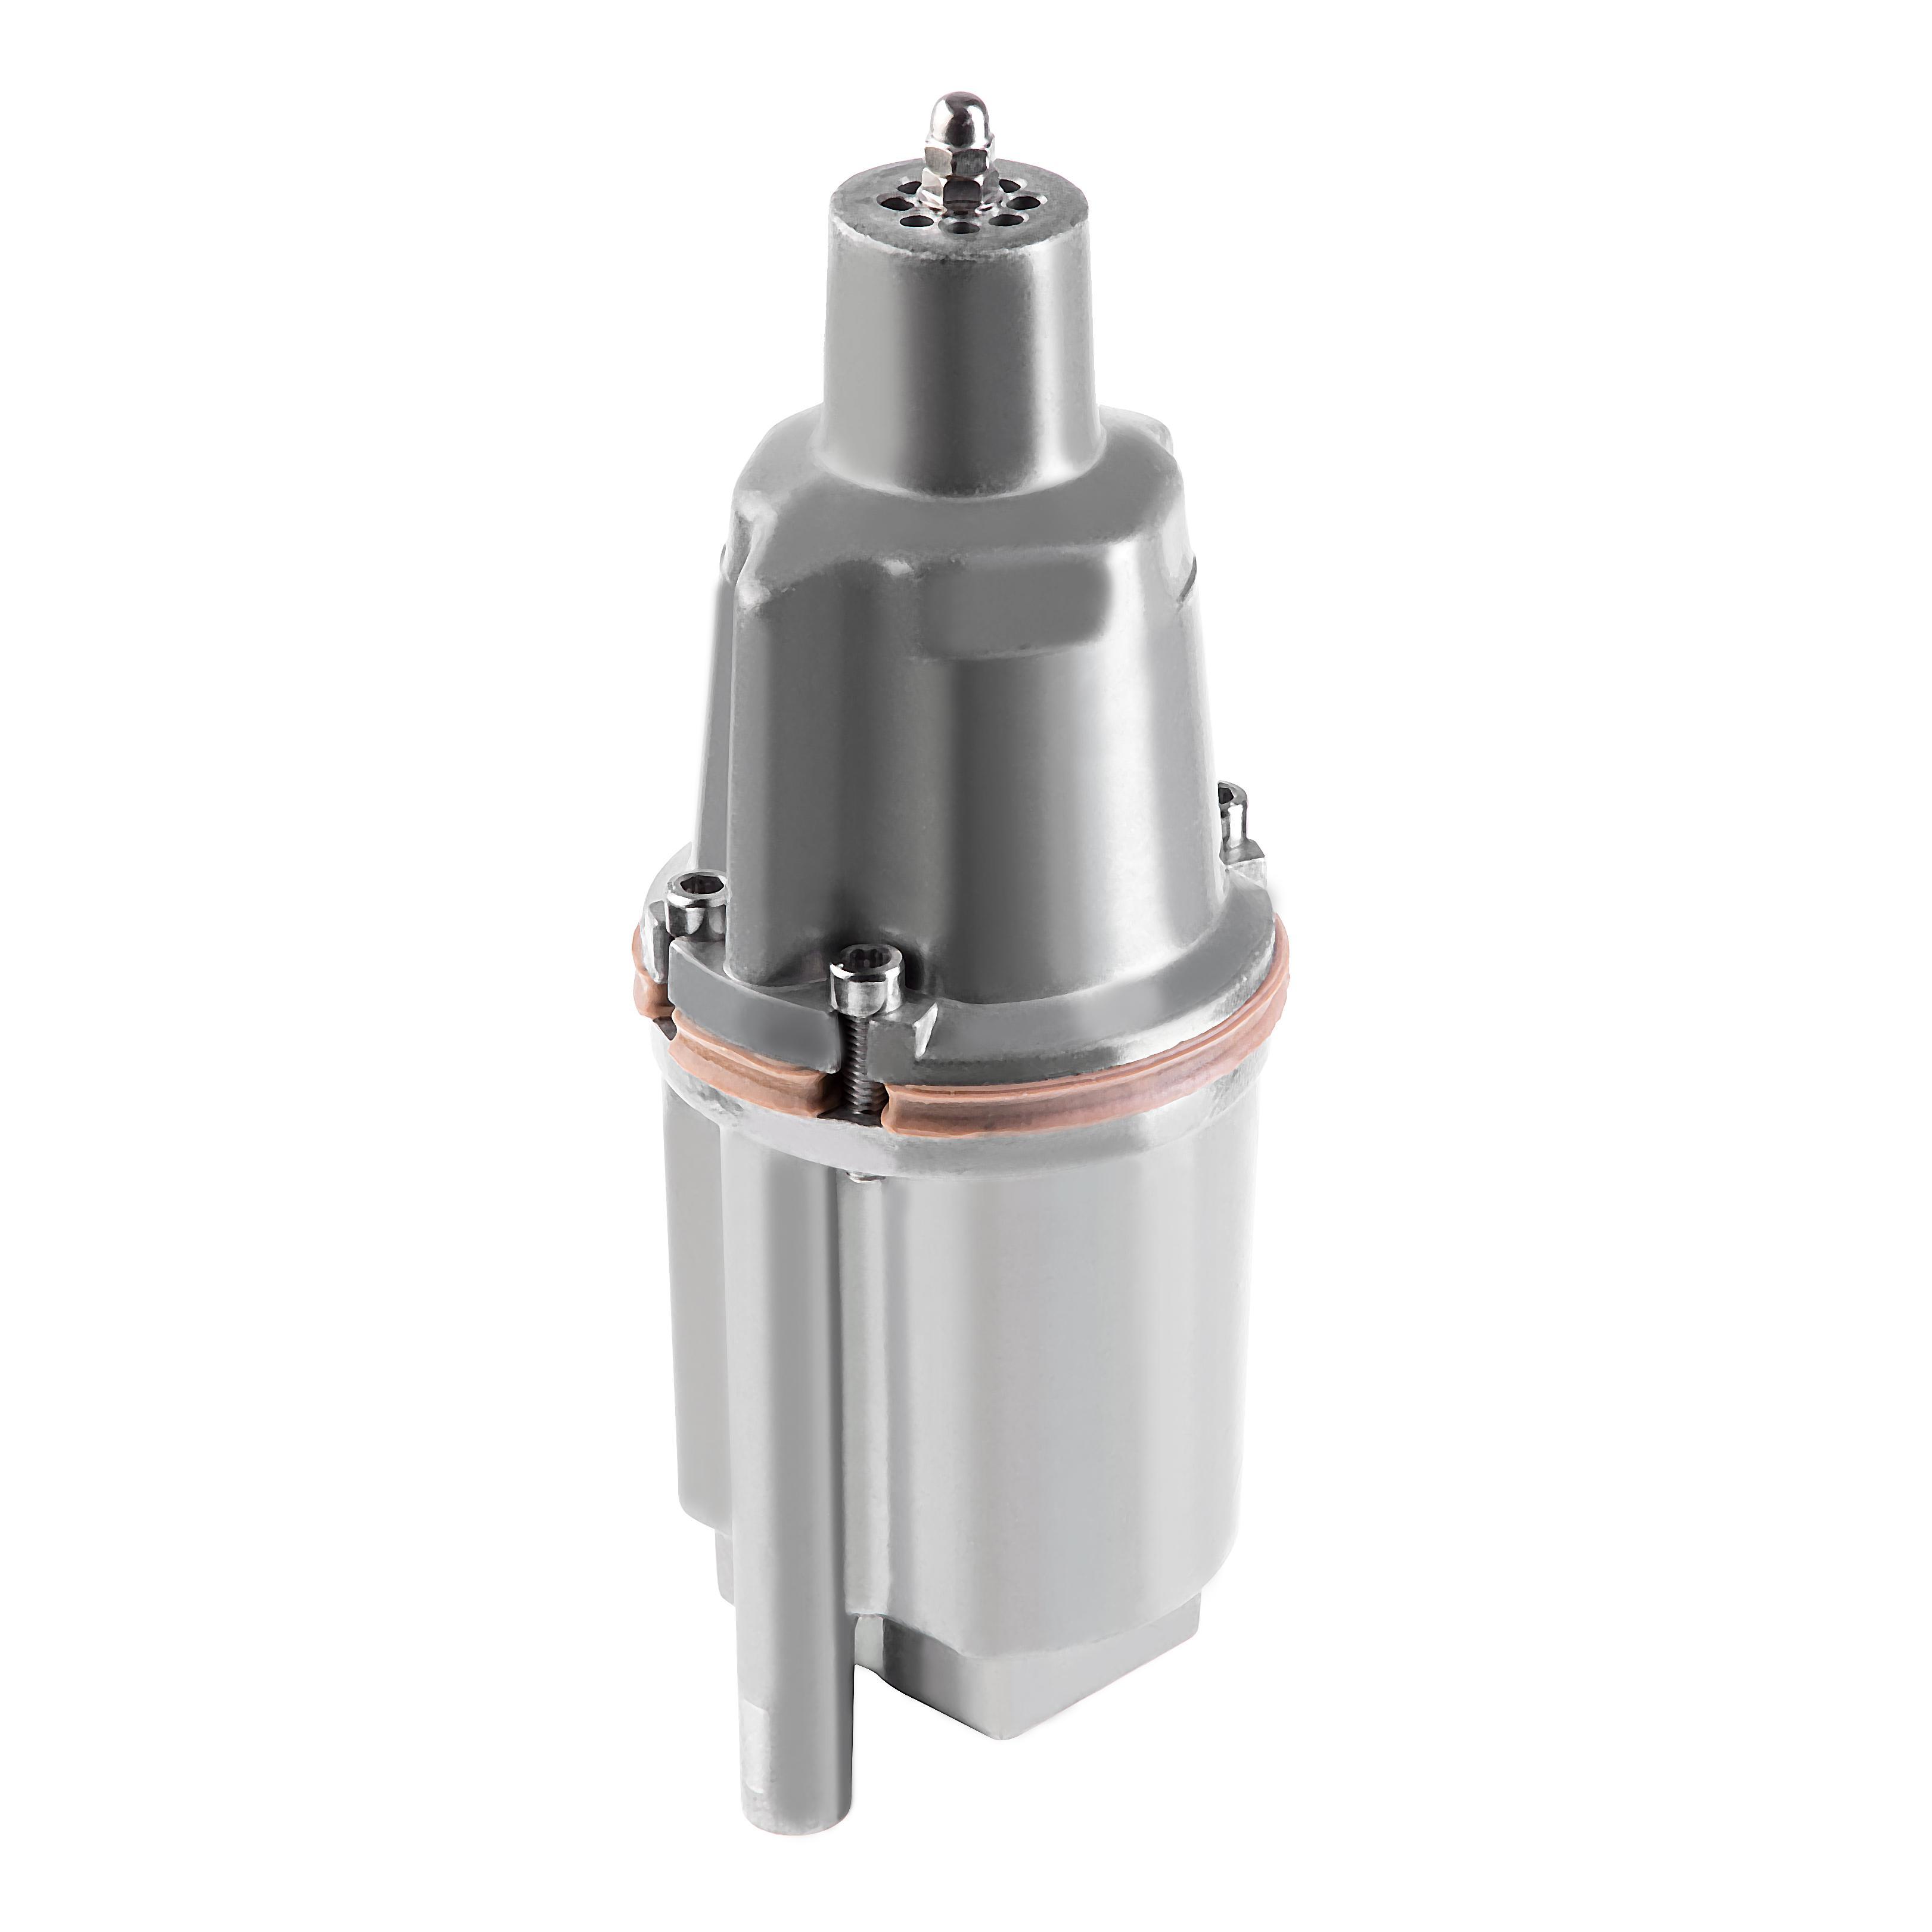 Погружной вибрационный насос Hammer Nap200А (25) погружной вибрационный насос hammer nap200 16